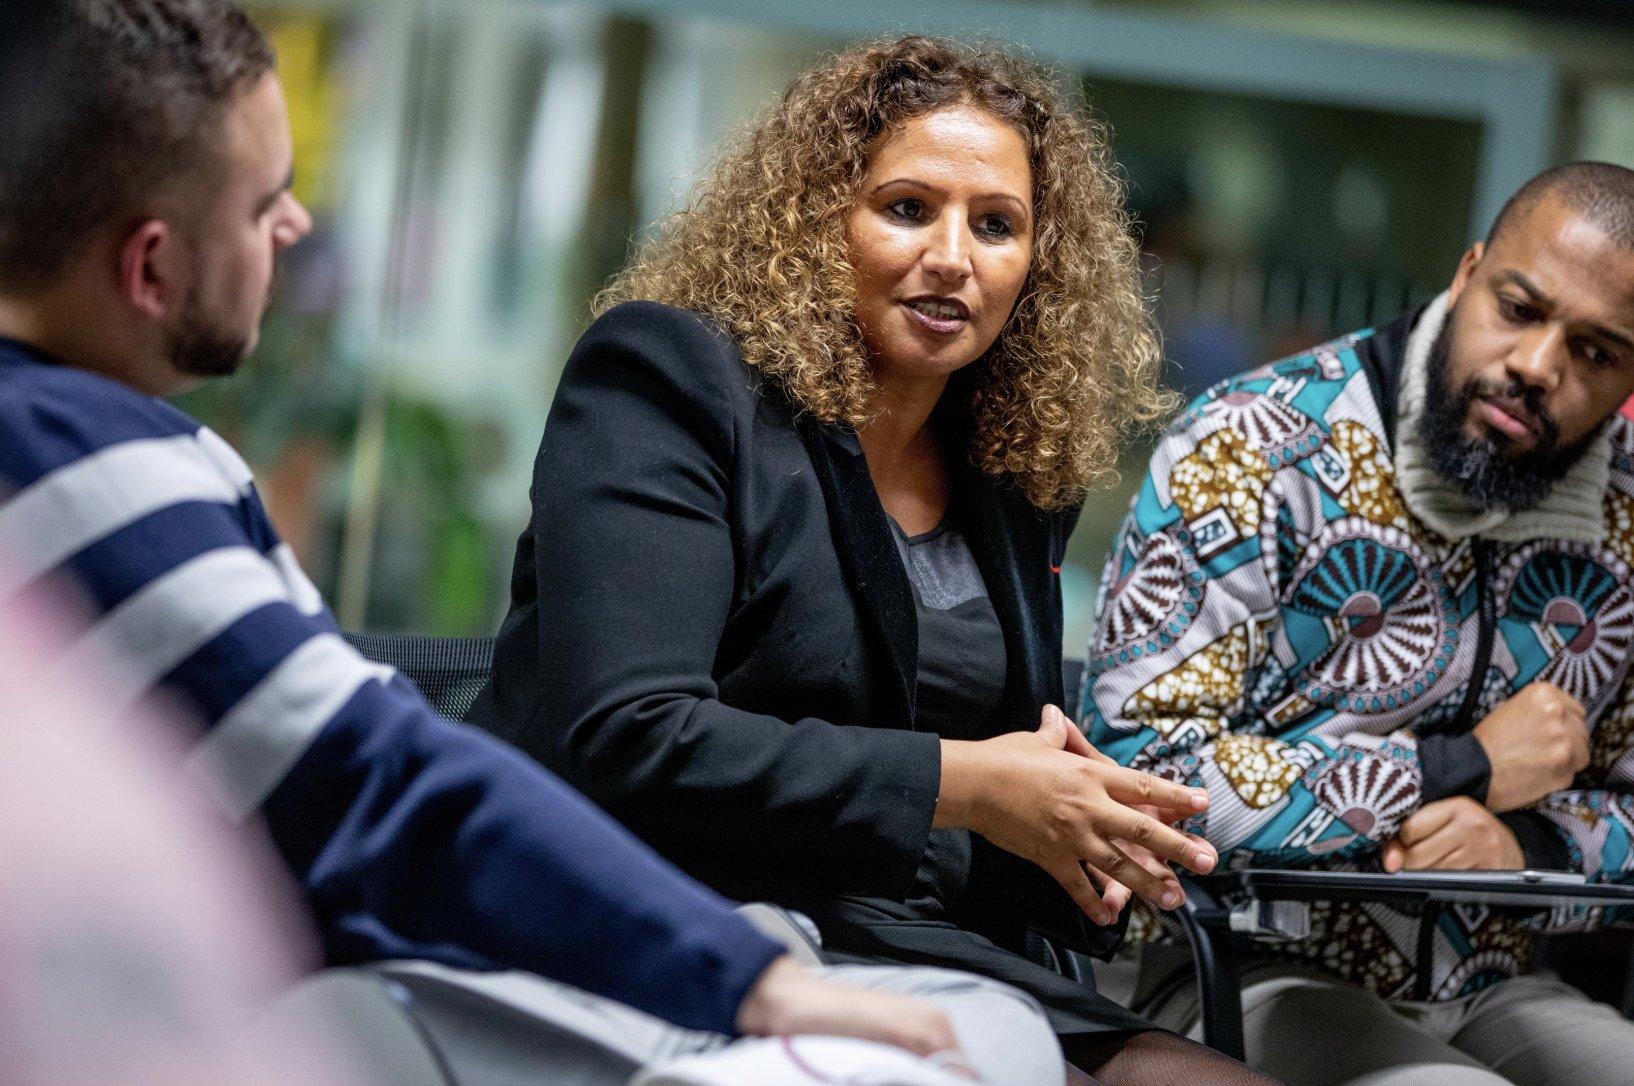 samira-djouadi-diversidays-diversite-impact-inclusion-social